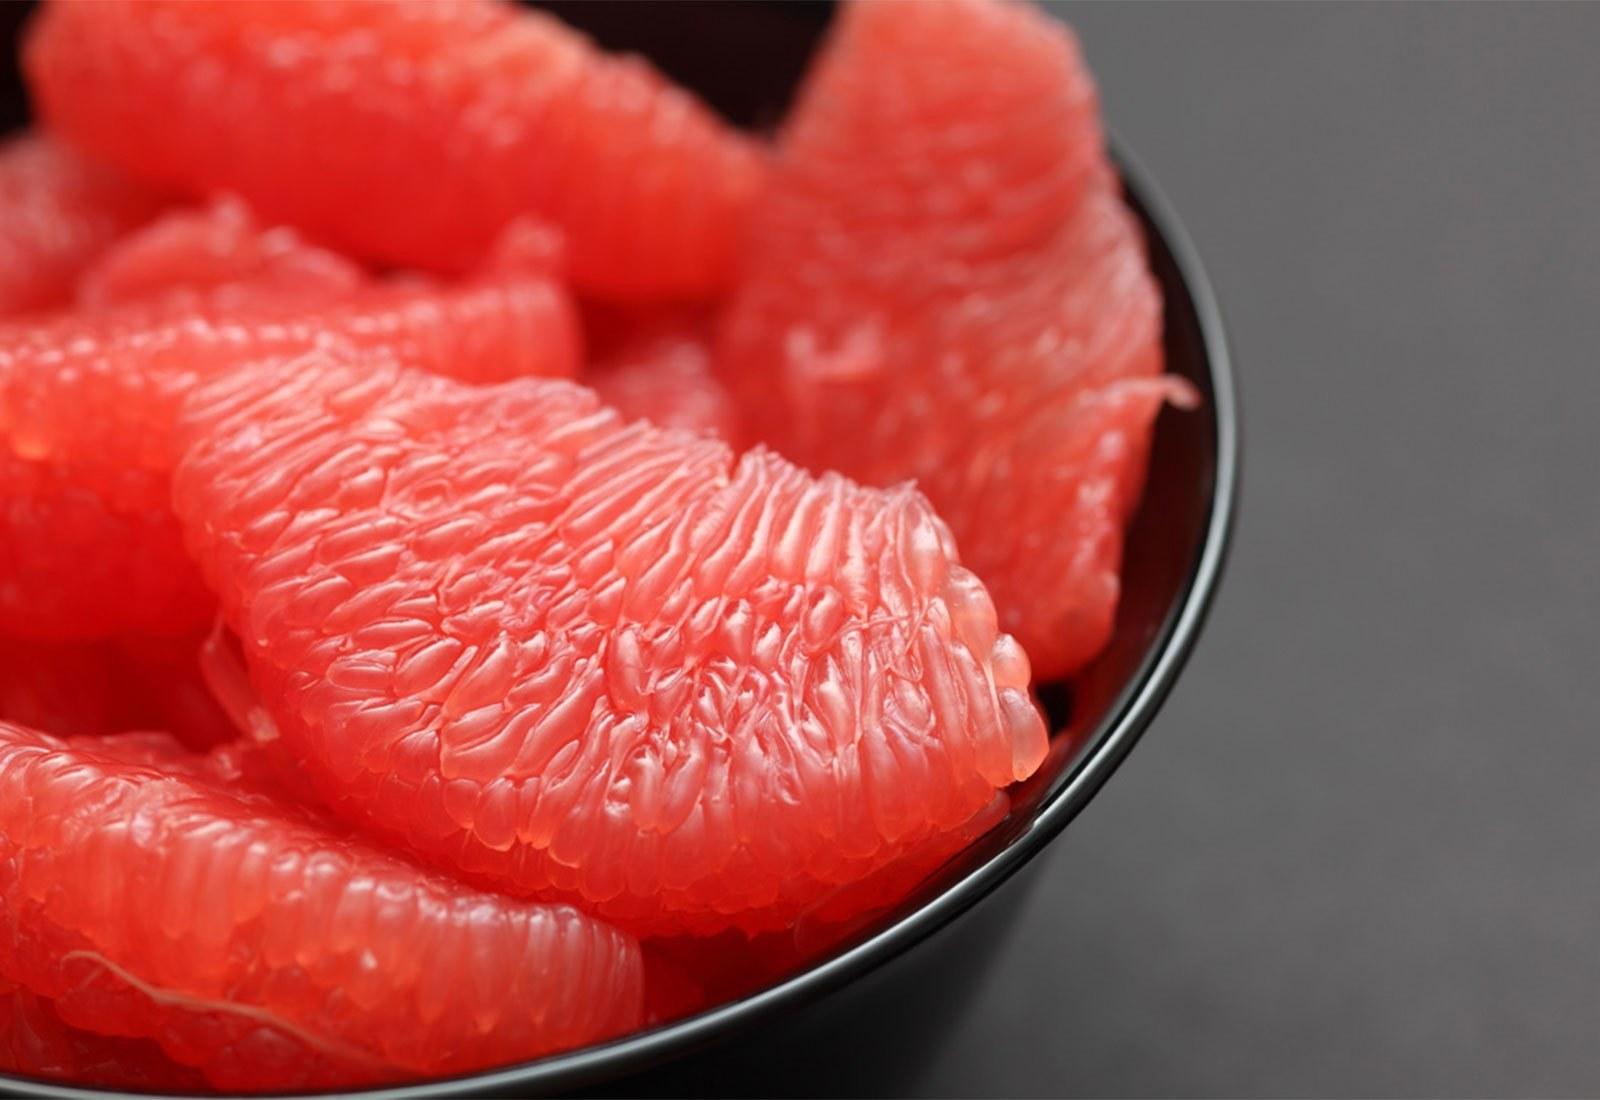 اس پھل کو کھانے سے ہونے والے فوائد حیران کردیں گے